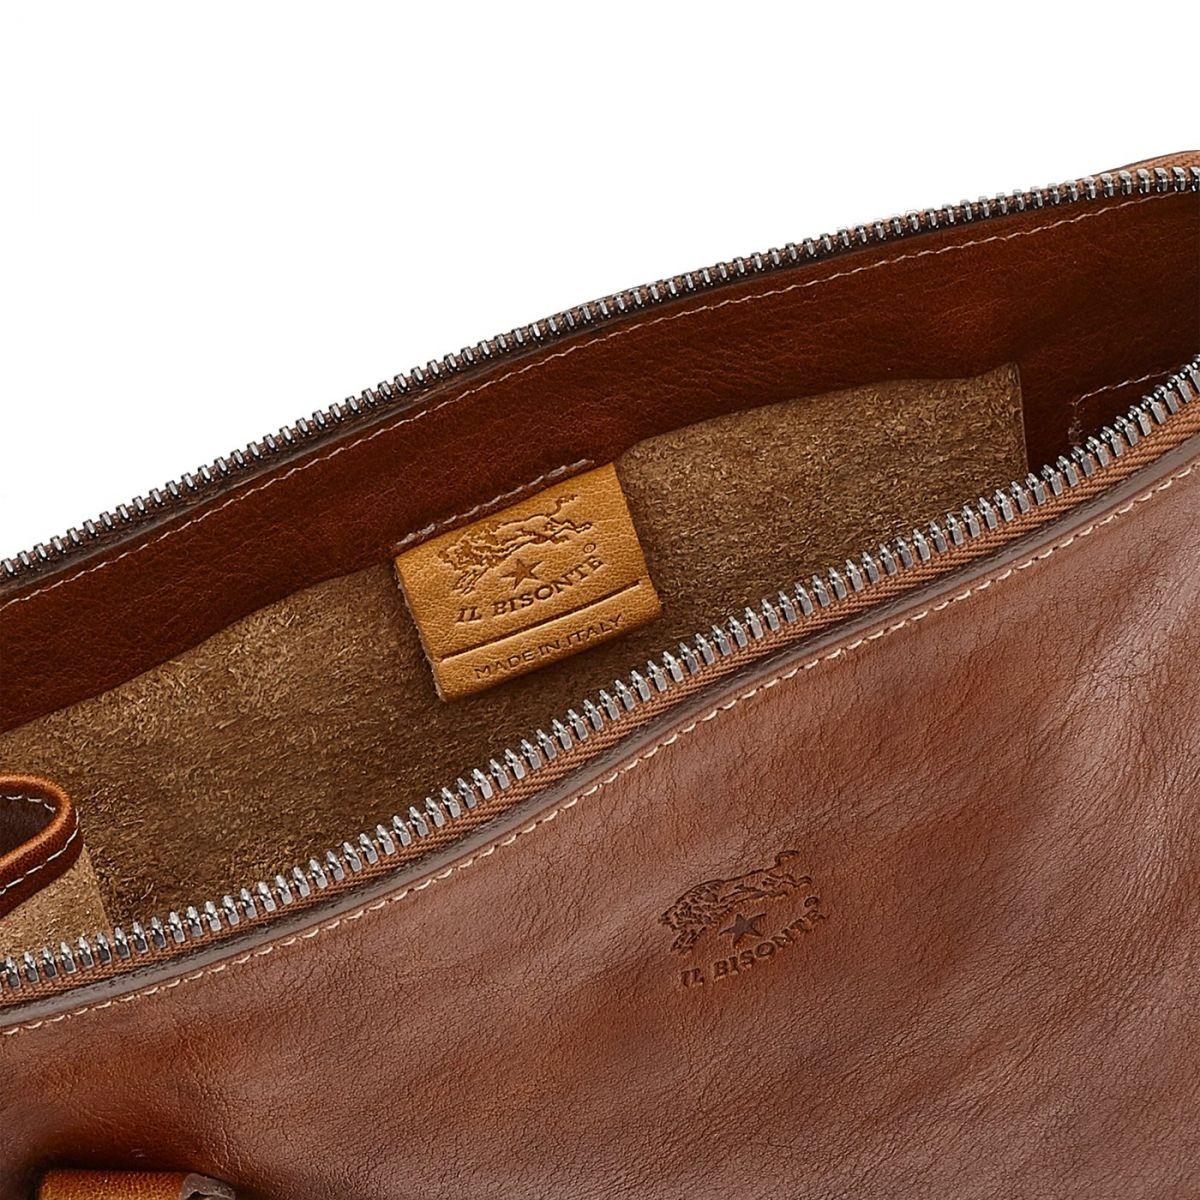 Sac Bandouliere pour Homme Marea en Cuir De Vachette Vintage BCR169 couleur Chocolat | Details